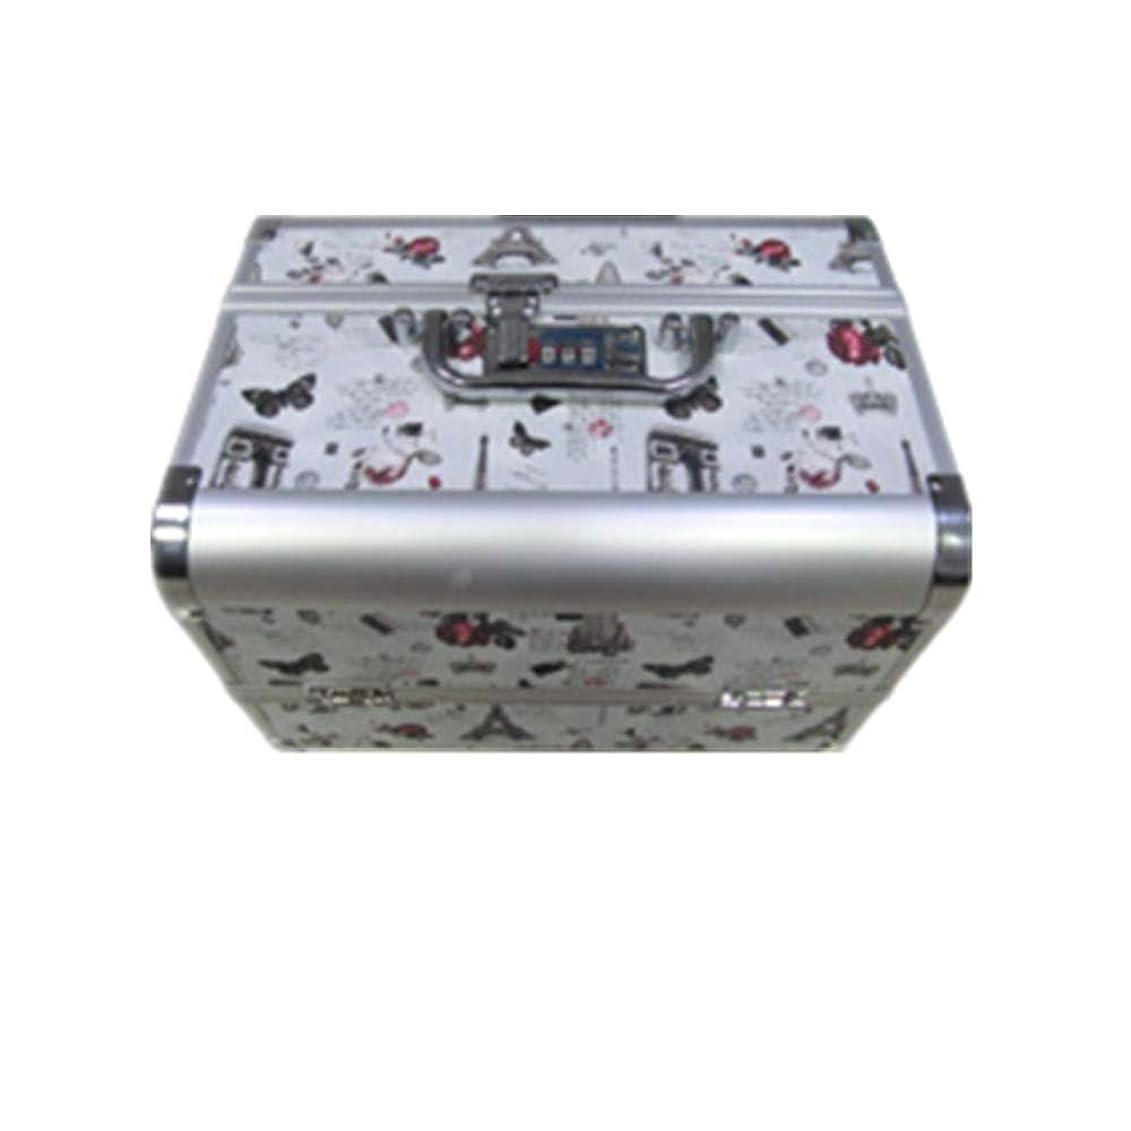 風変わりな迷惑ワーム化粧オーガナイザーバッグ 大容量ポータブル化粧ケース(トラベルアクセサリー用)シャンプーボディウォッシュパーソナルアイテム収納トレイ(エクステンショントレイ付) 化粧品ケース